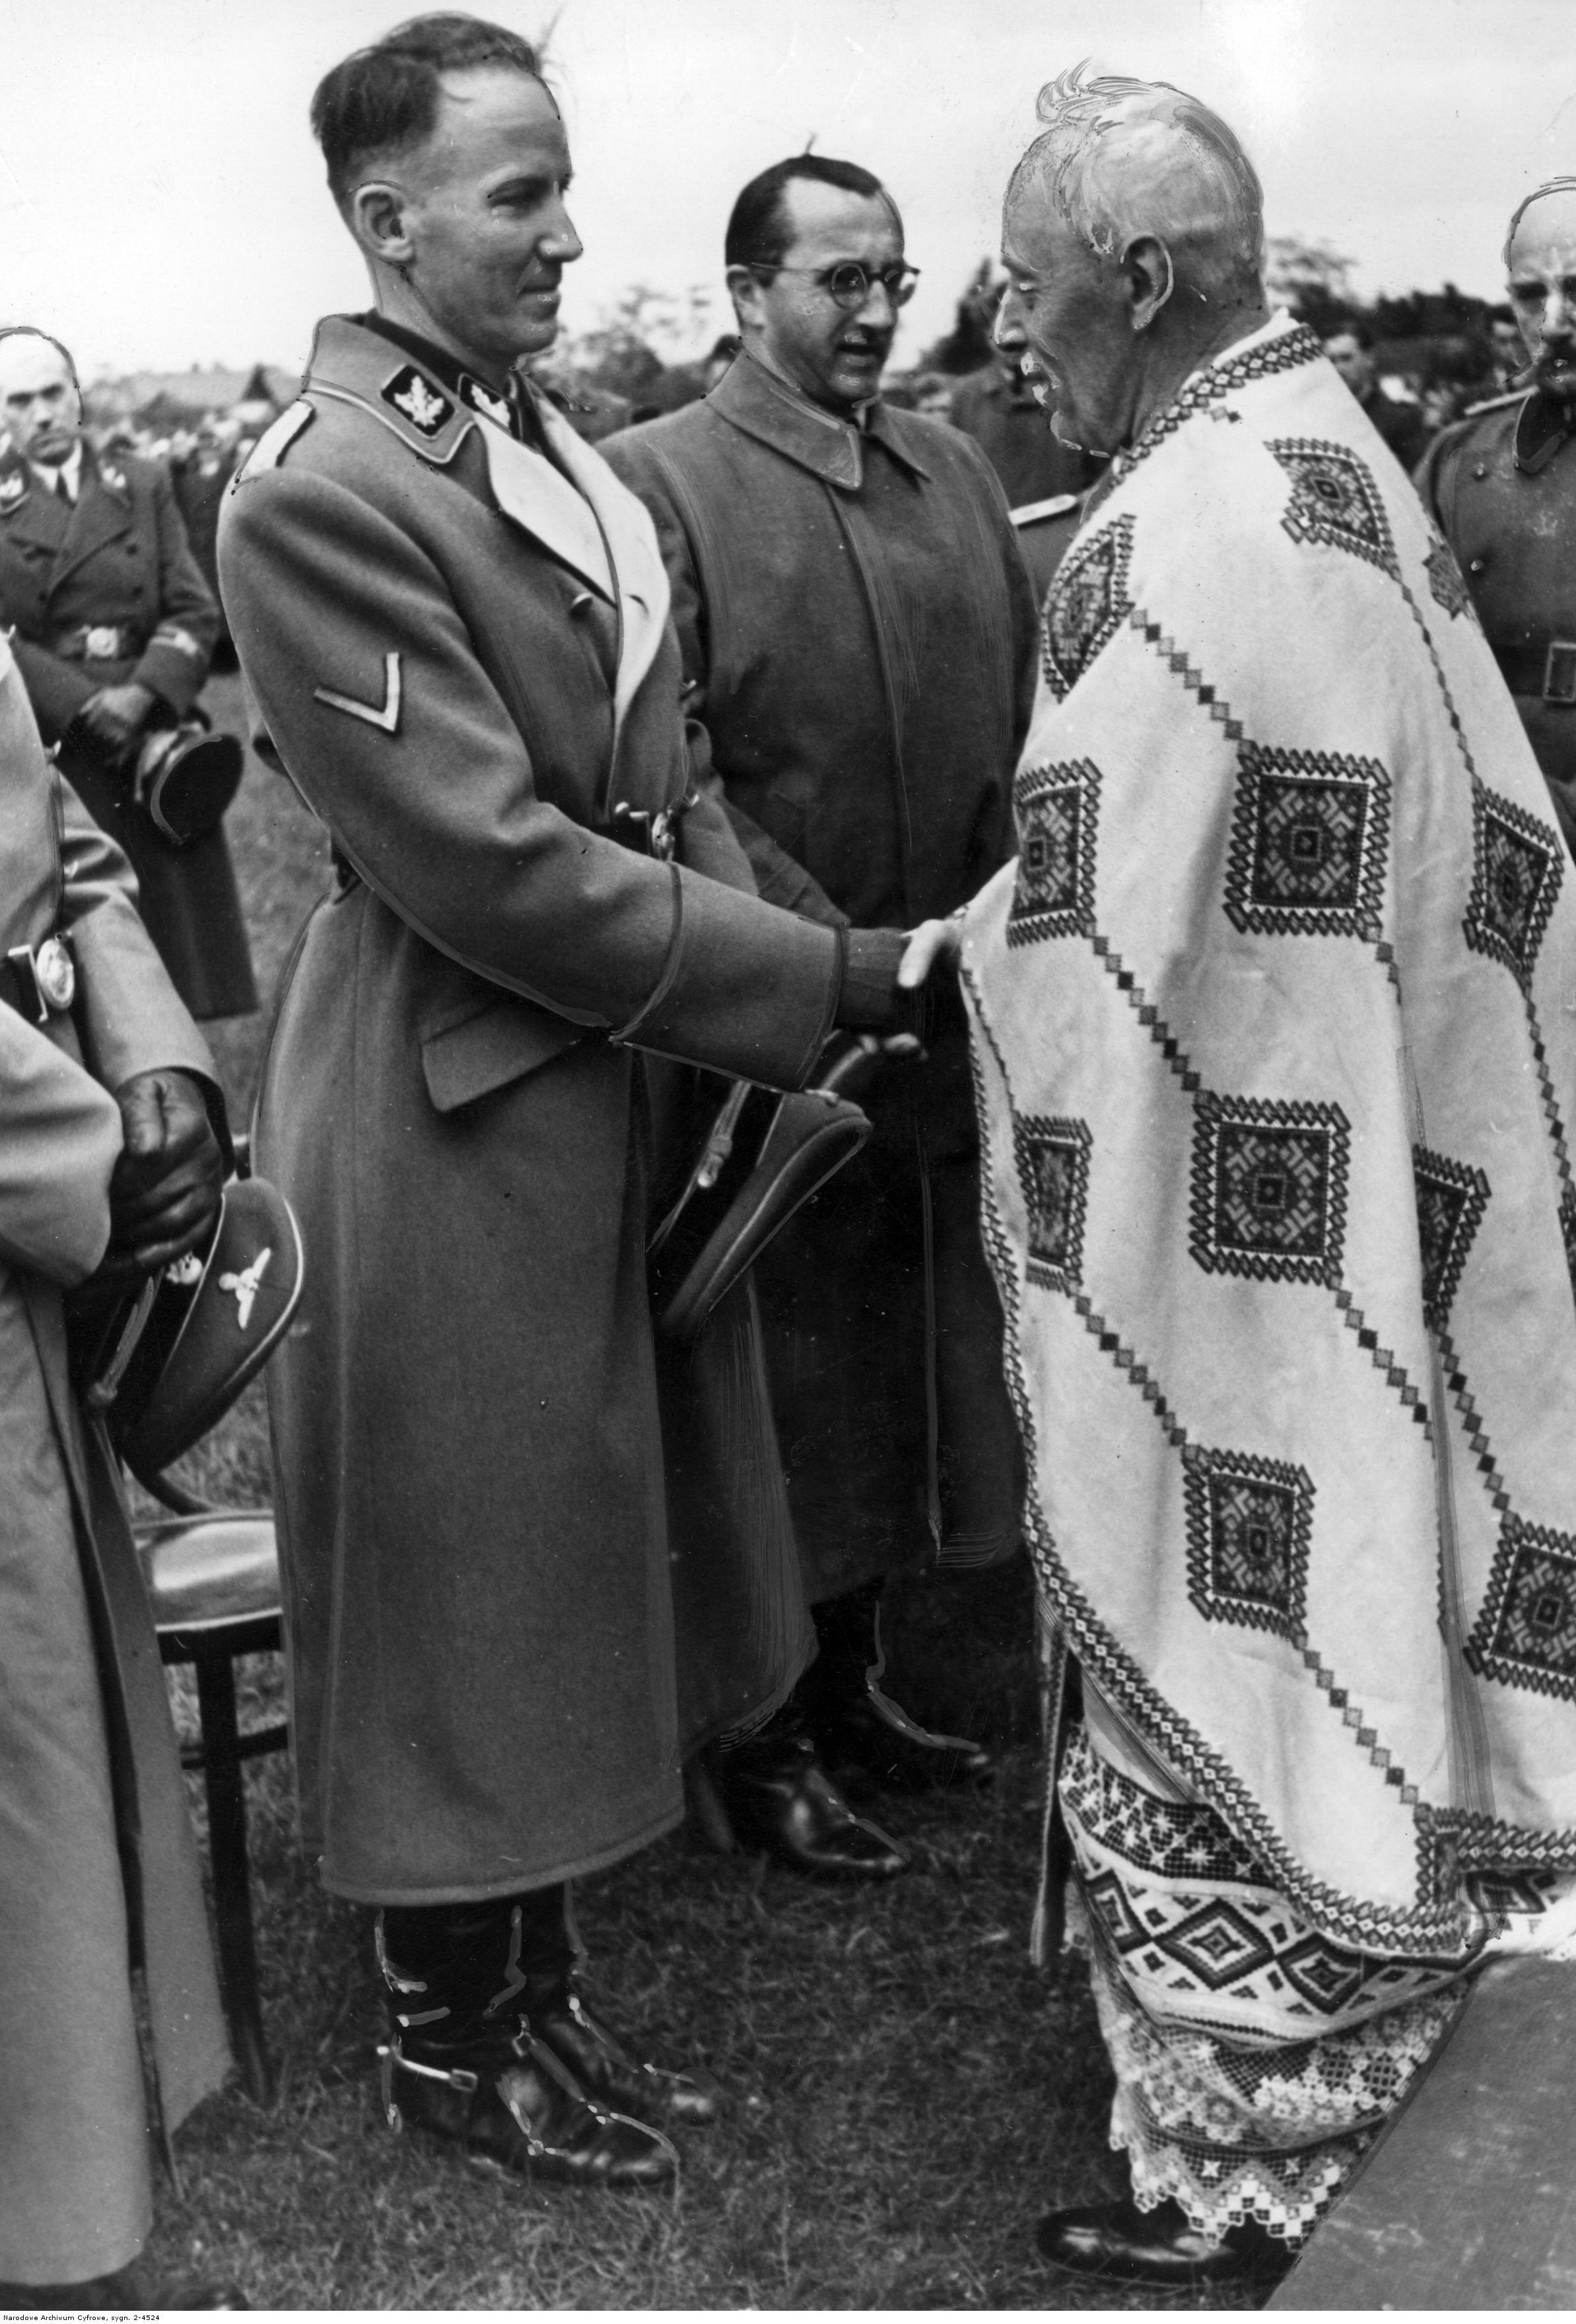 1943. Глава дистрикта Галиция Отто Густав Вехтер приветствует украинского греко-католического священника во время полевой мессы дивизии СС «Галичина». Май